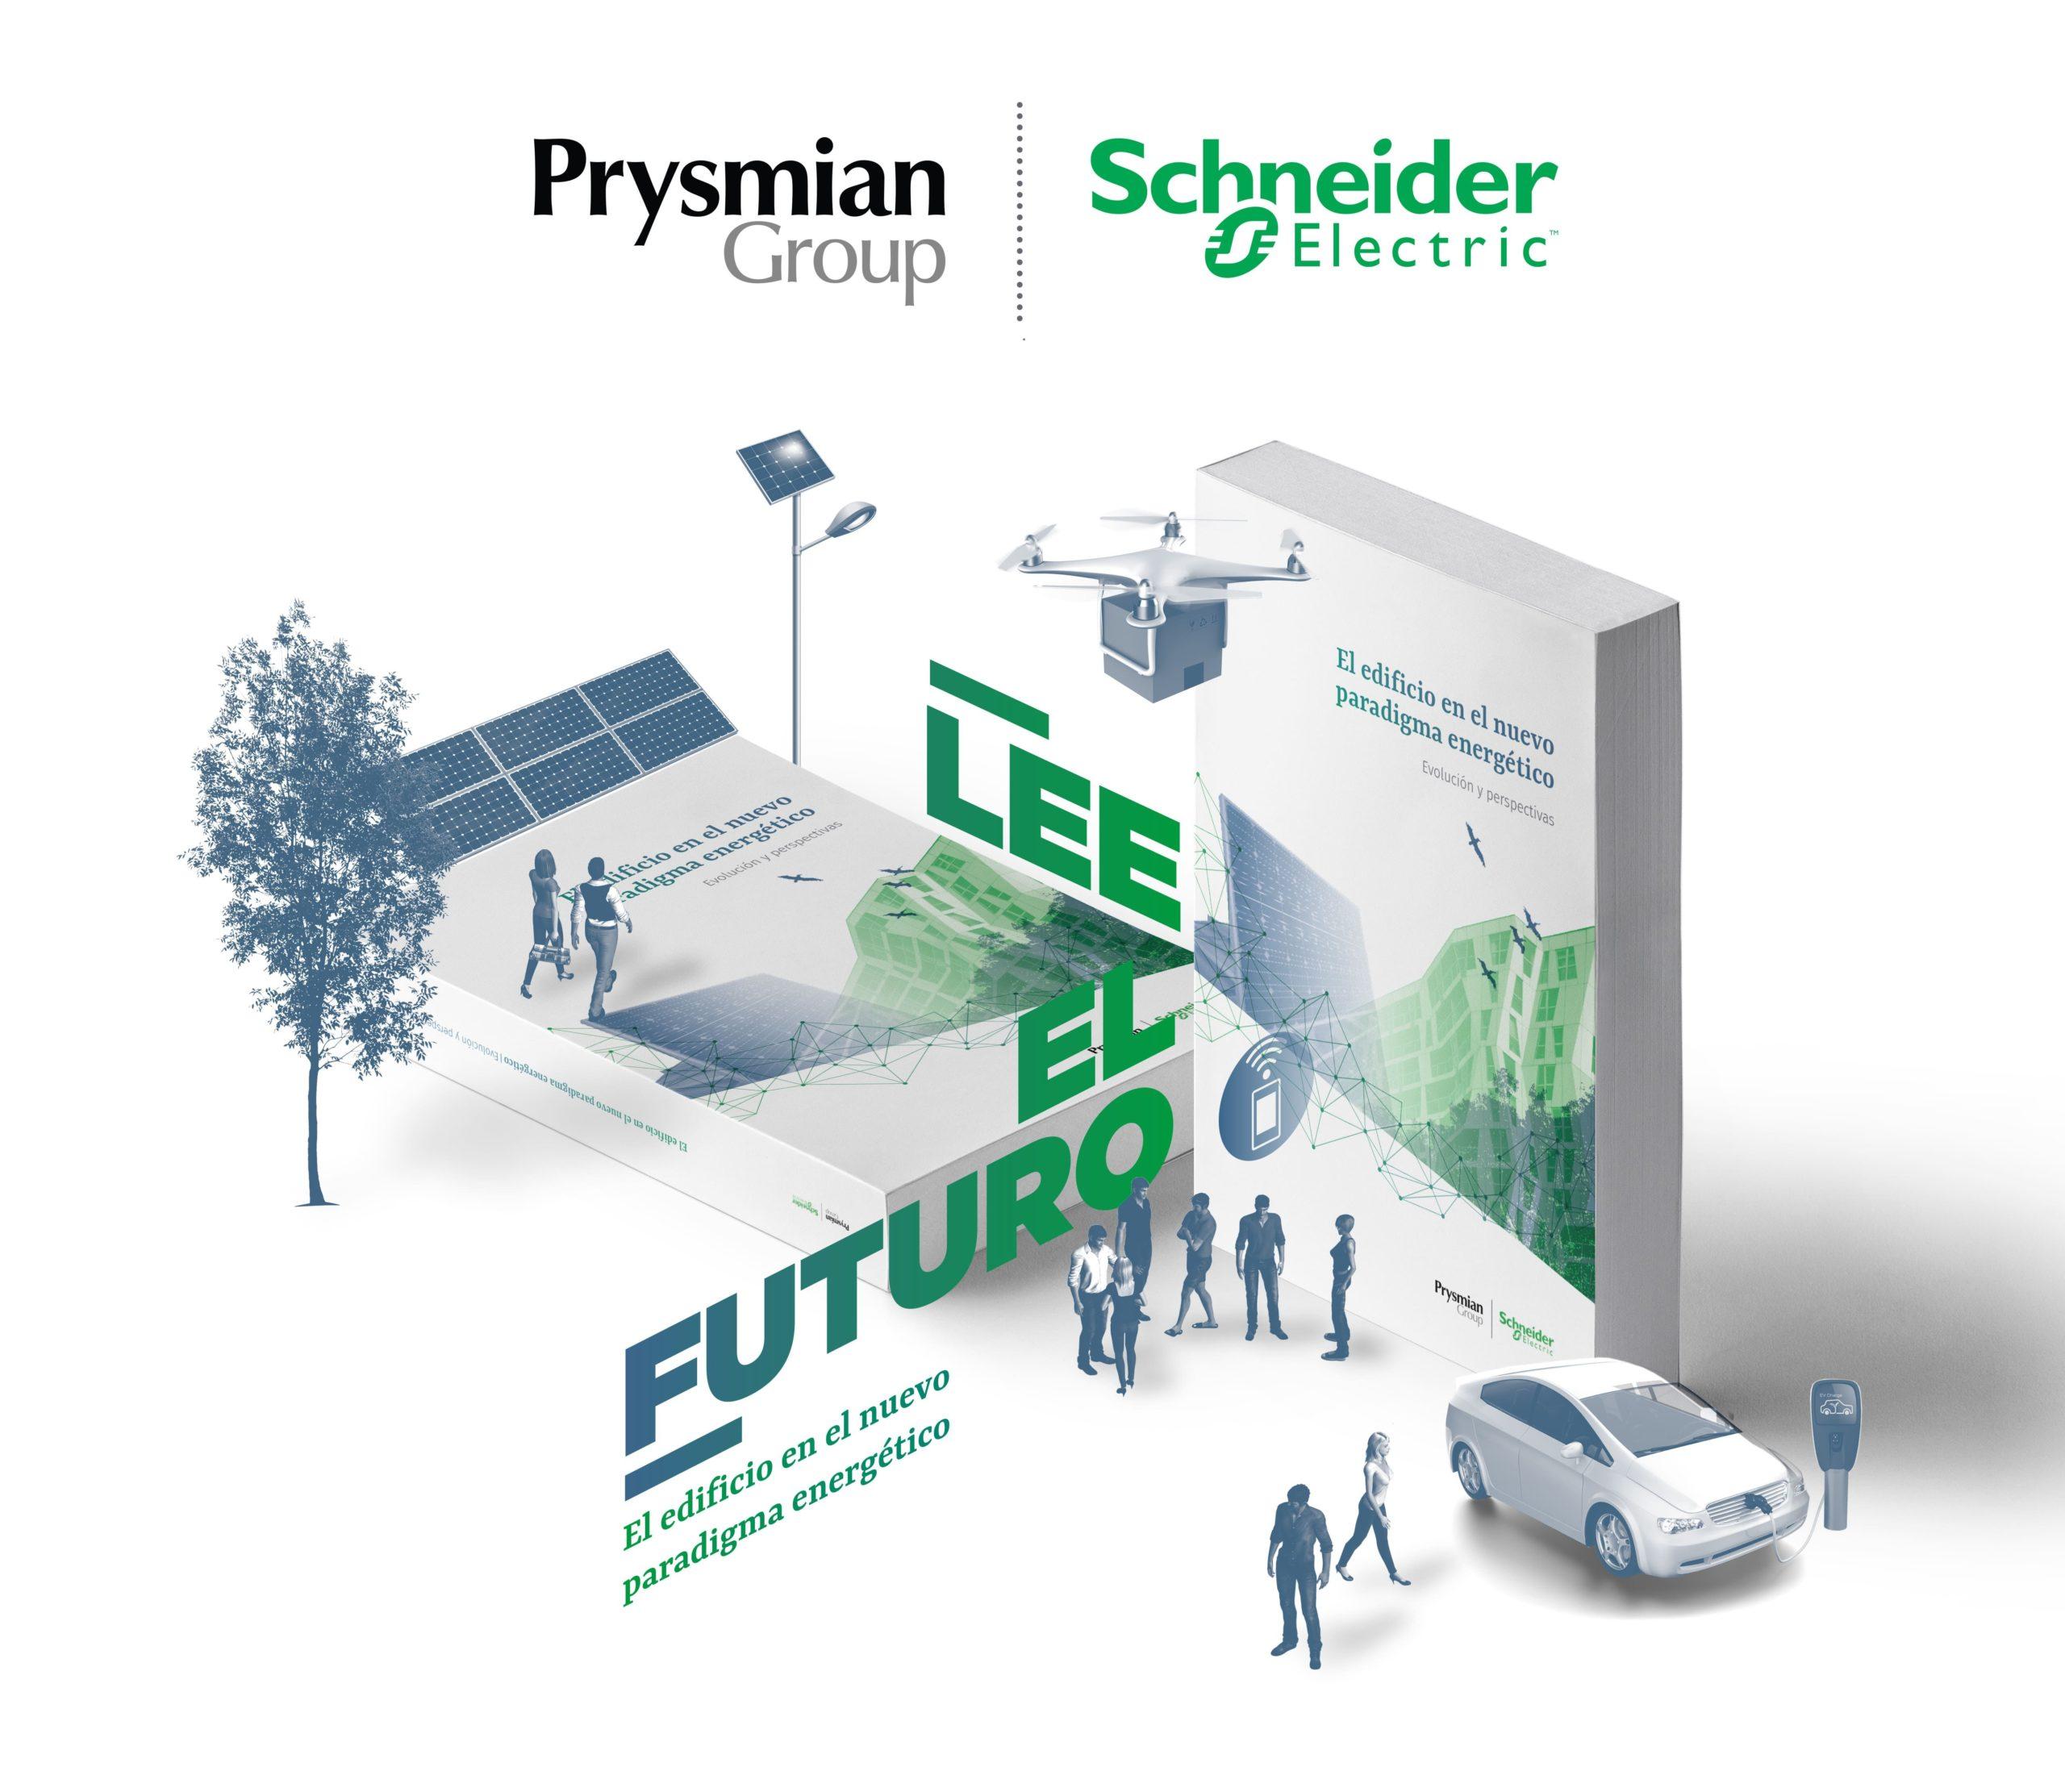 El futuro del sector de la edificación a análisis, en el nuevo libro de Schneider Electric y Prysmian Group